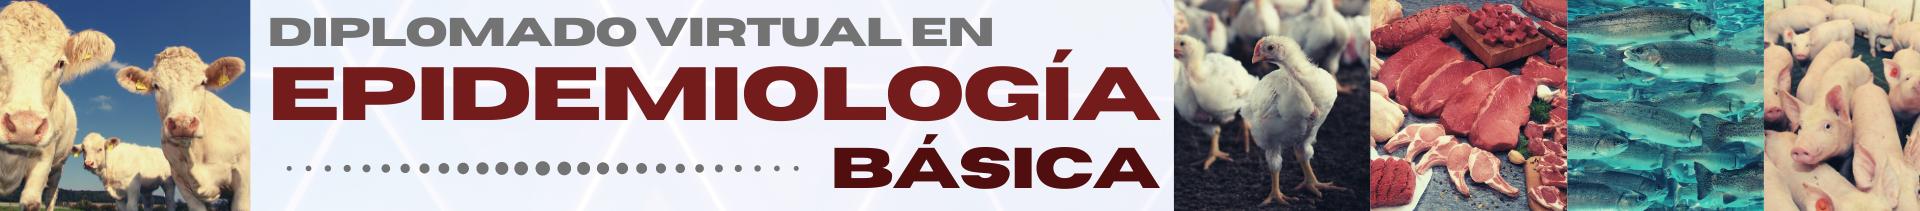 BANNER_DIPLOMADO_EPIDEMIOLOGÍA_BÁSICA.